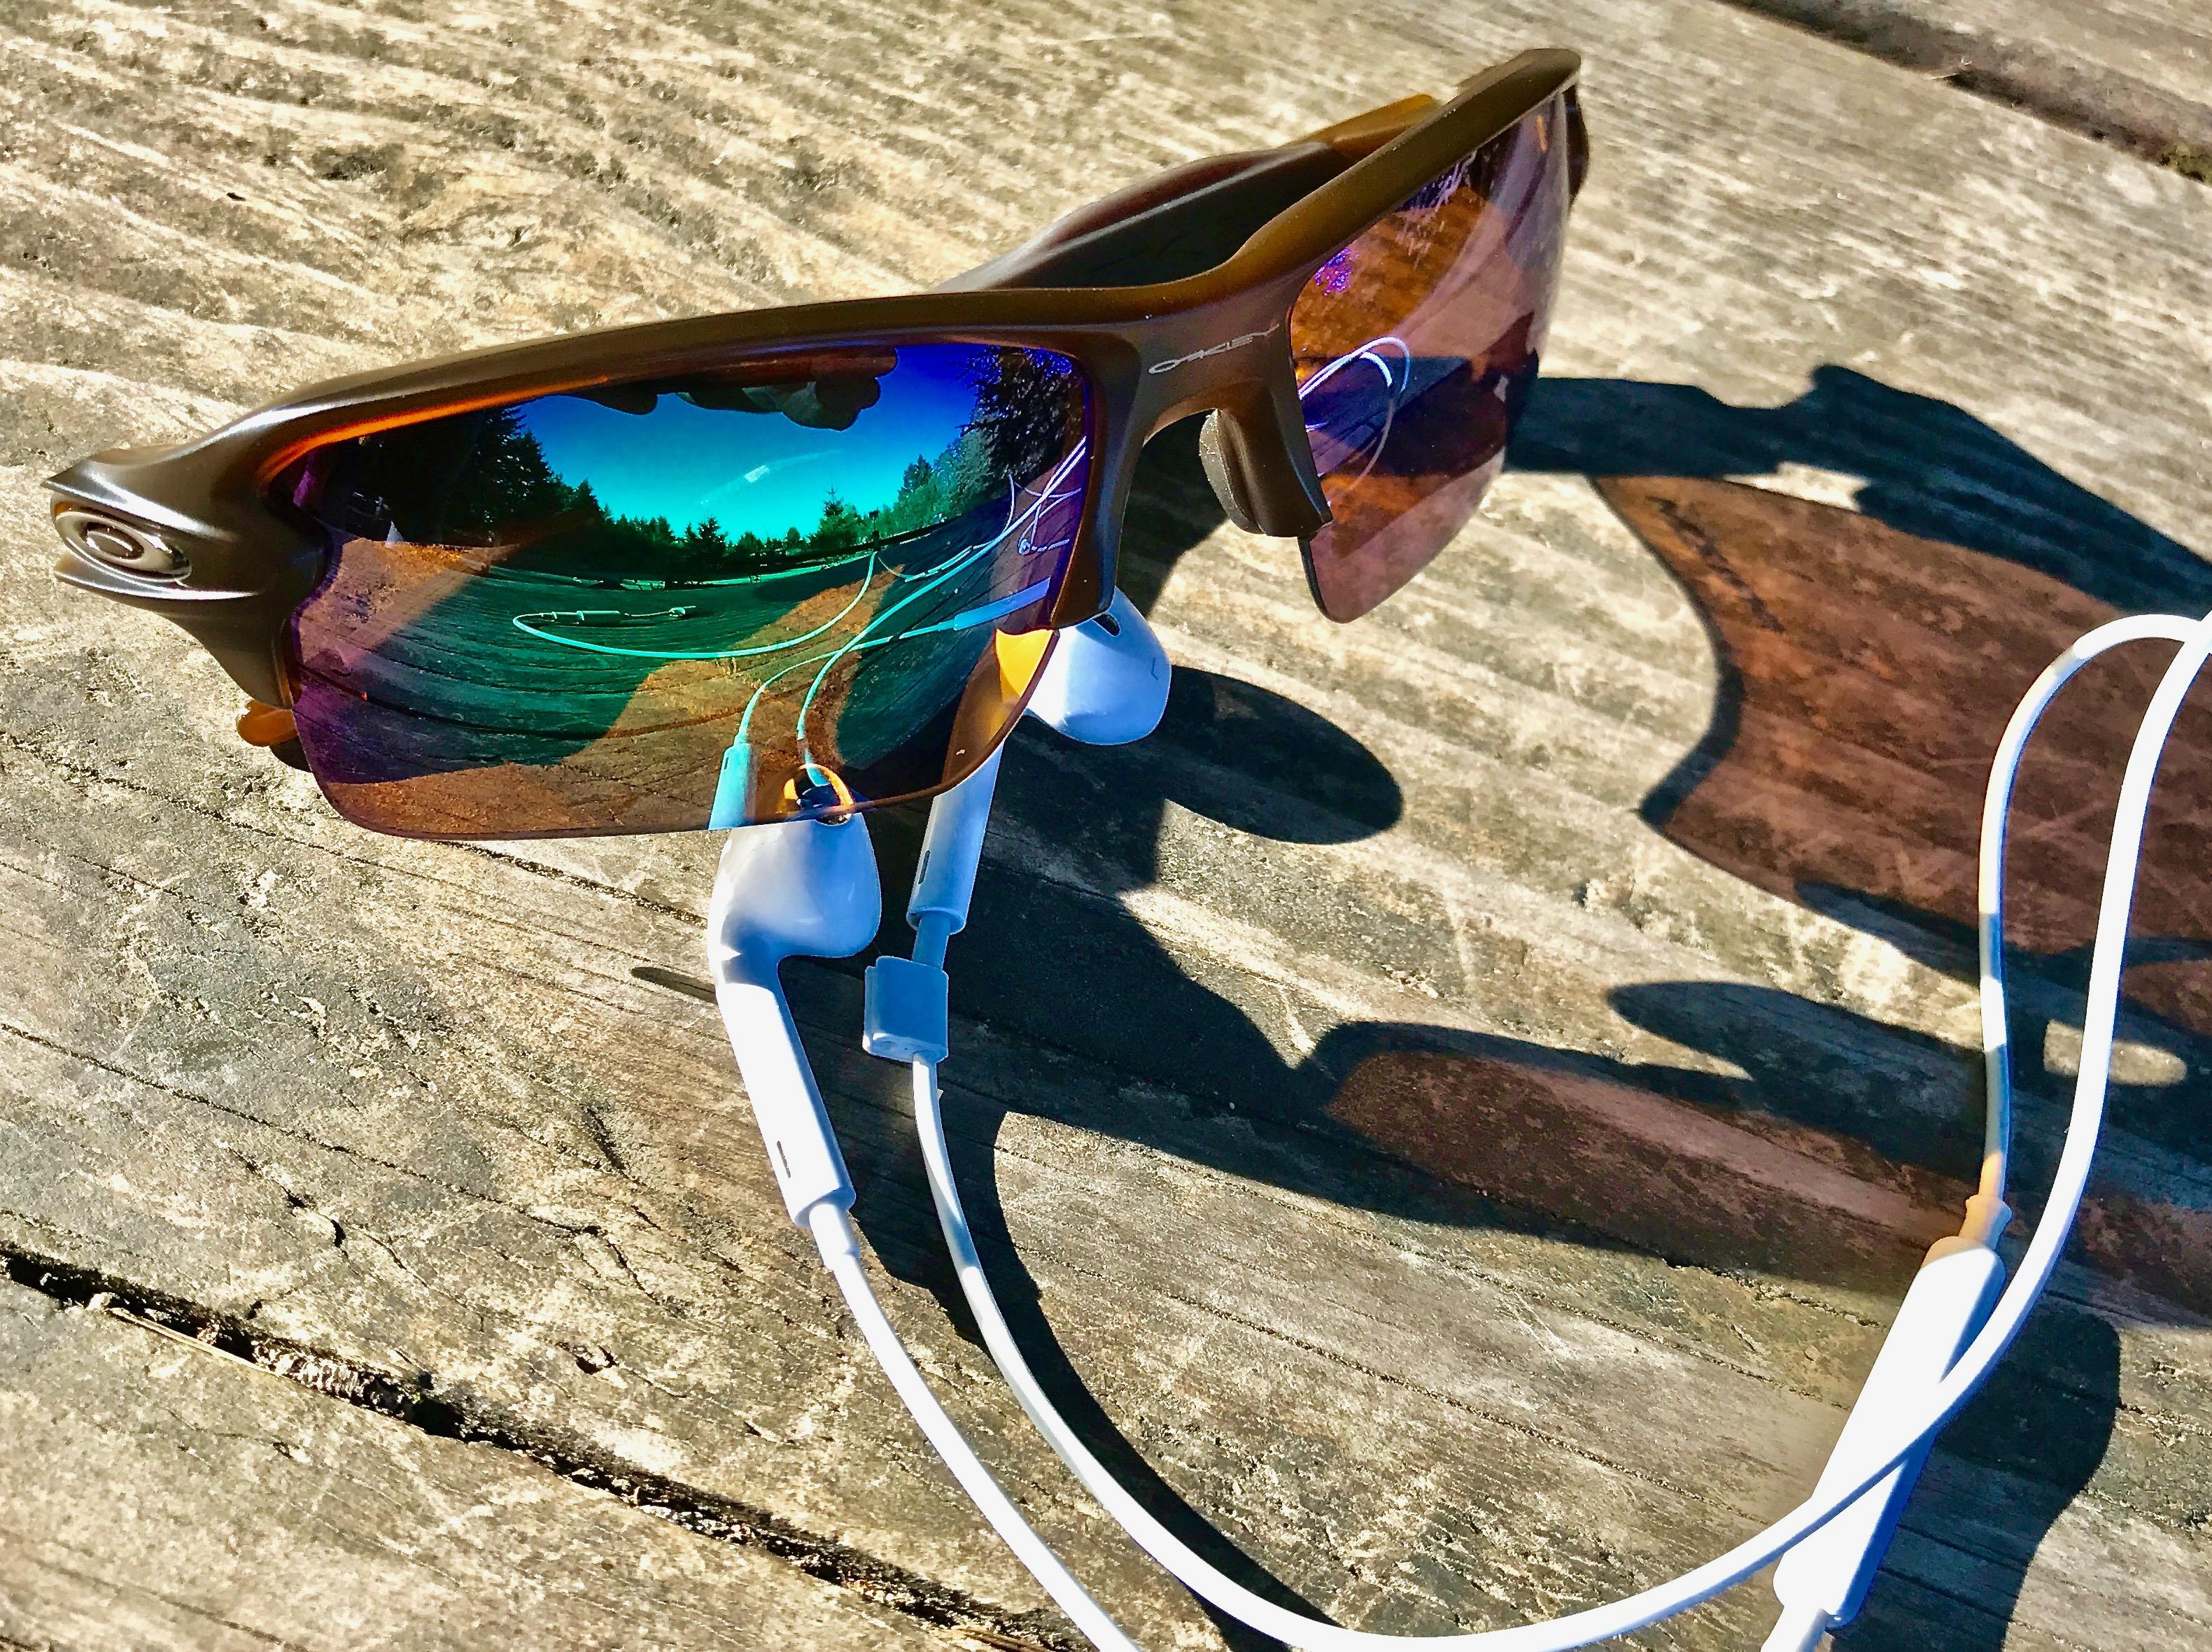 700de585daeb Oakley's Flak 2.0 XL Prizm - Sunglasses Review | Busted Wallet